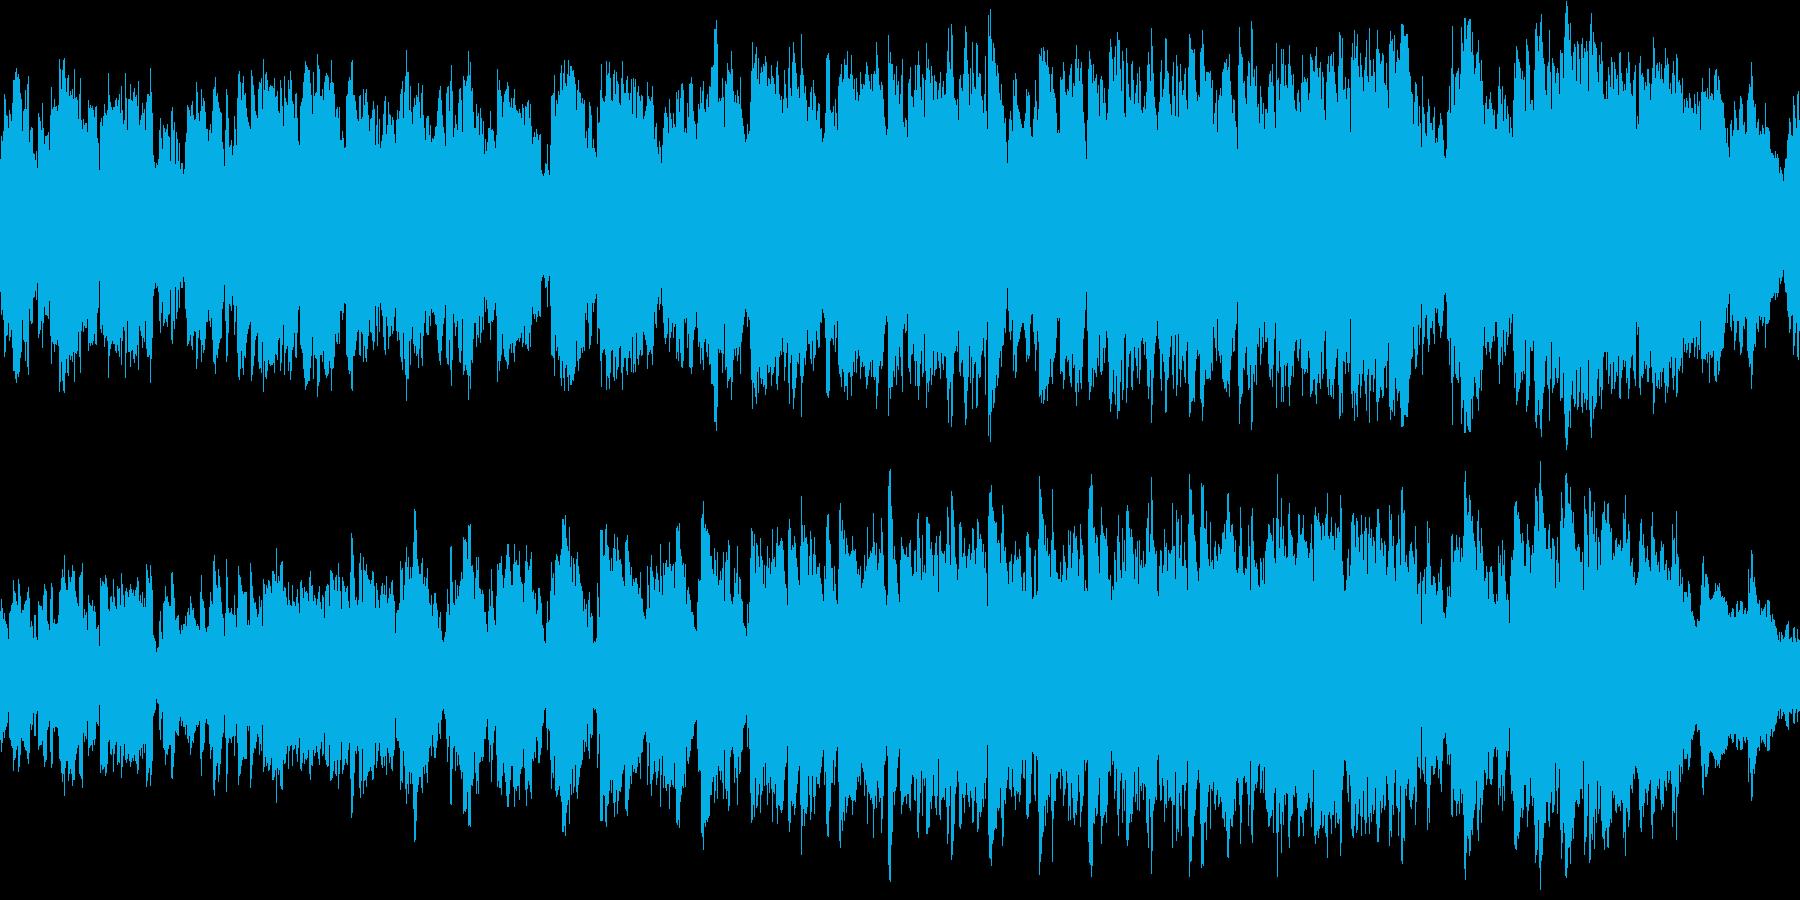 ファンタジー&メルヘンな民族調・ループ版の再生済みの波形